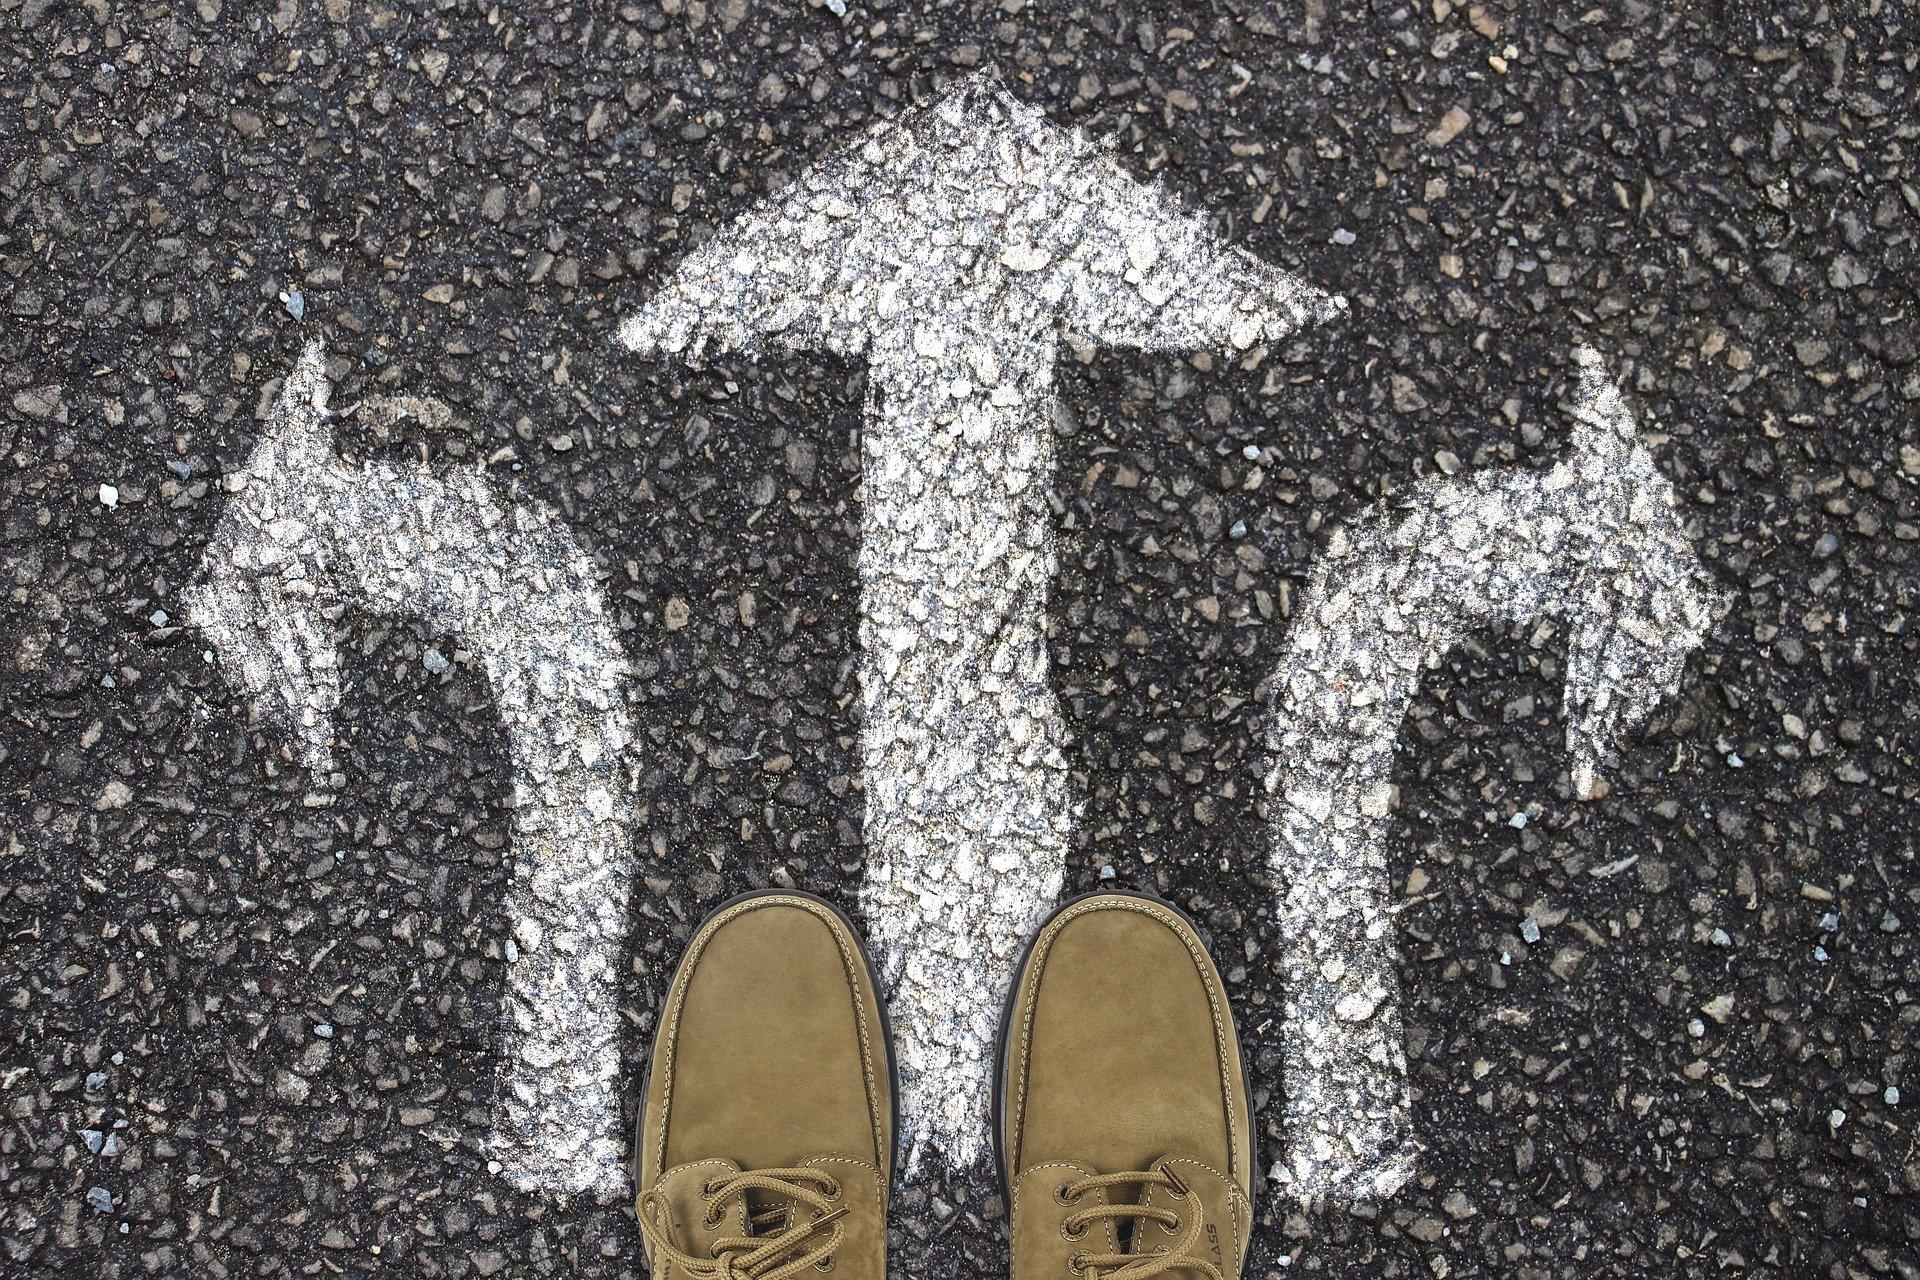 Des chaussures se trouvent devant 3 flèches